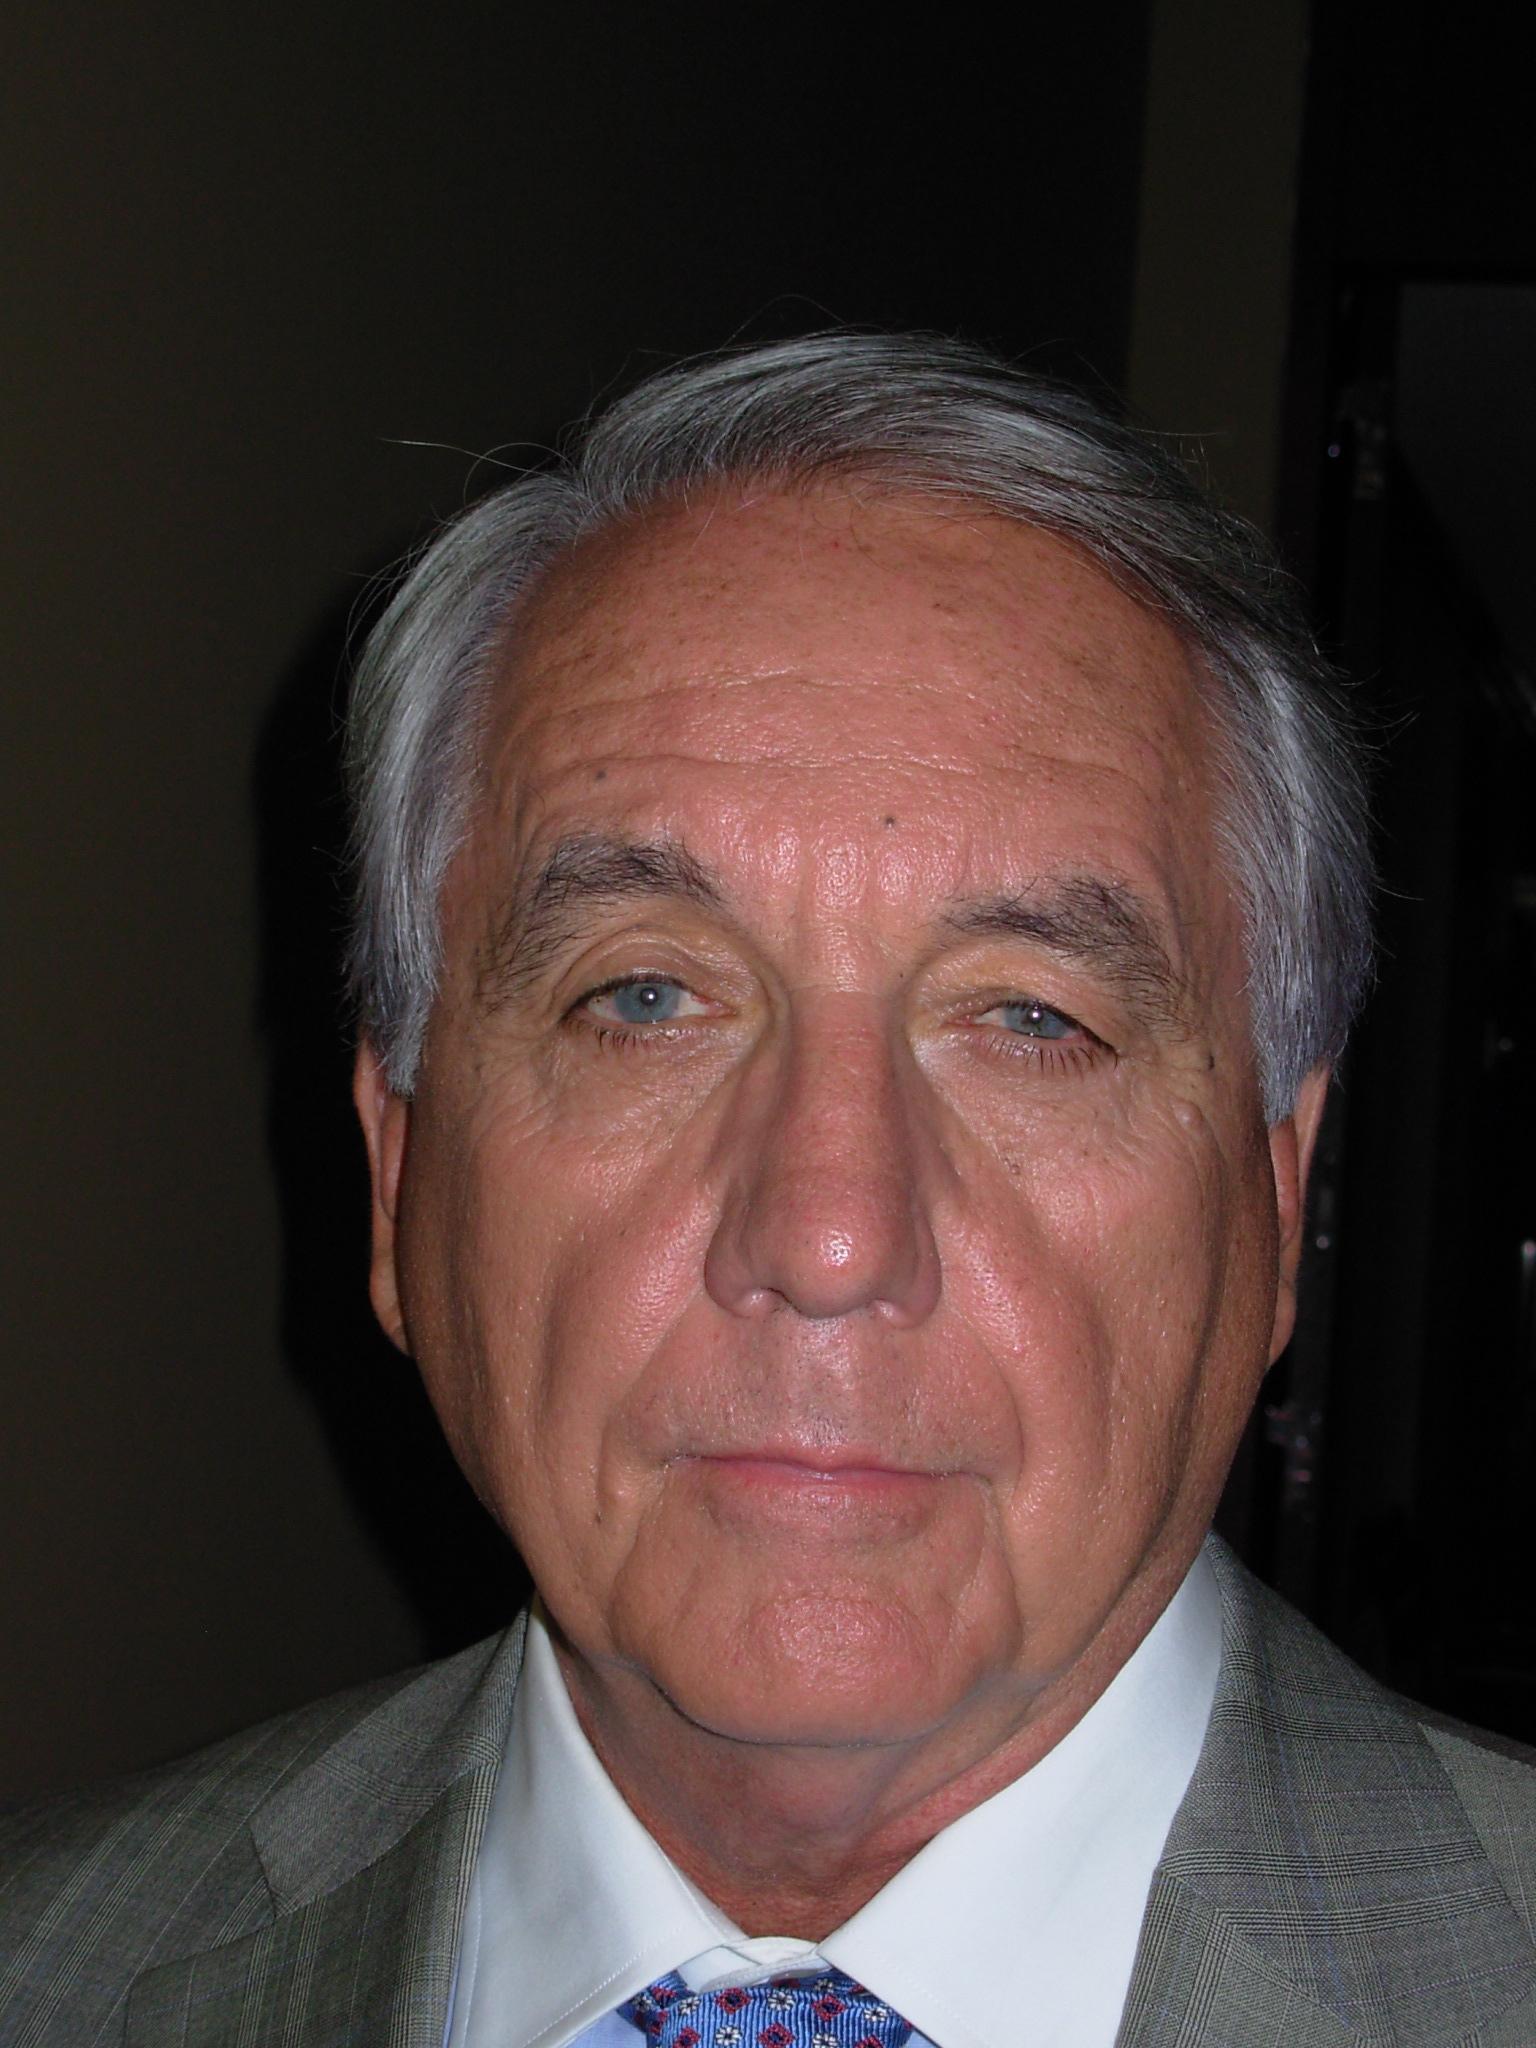 Bob Gunton - Lincoln Lawyer